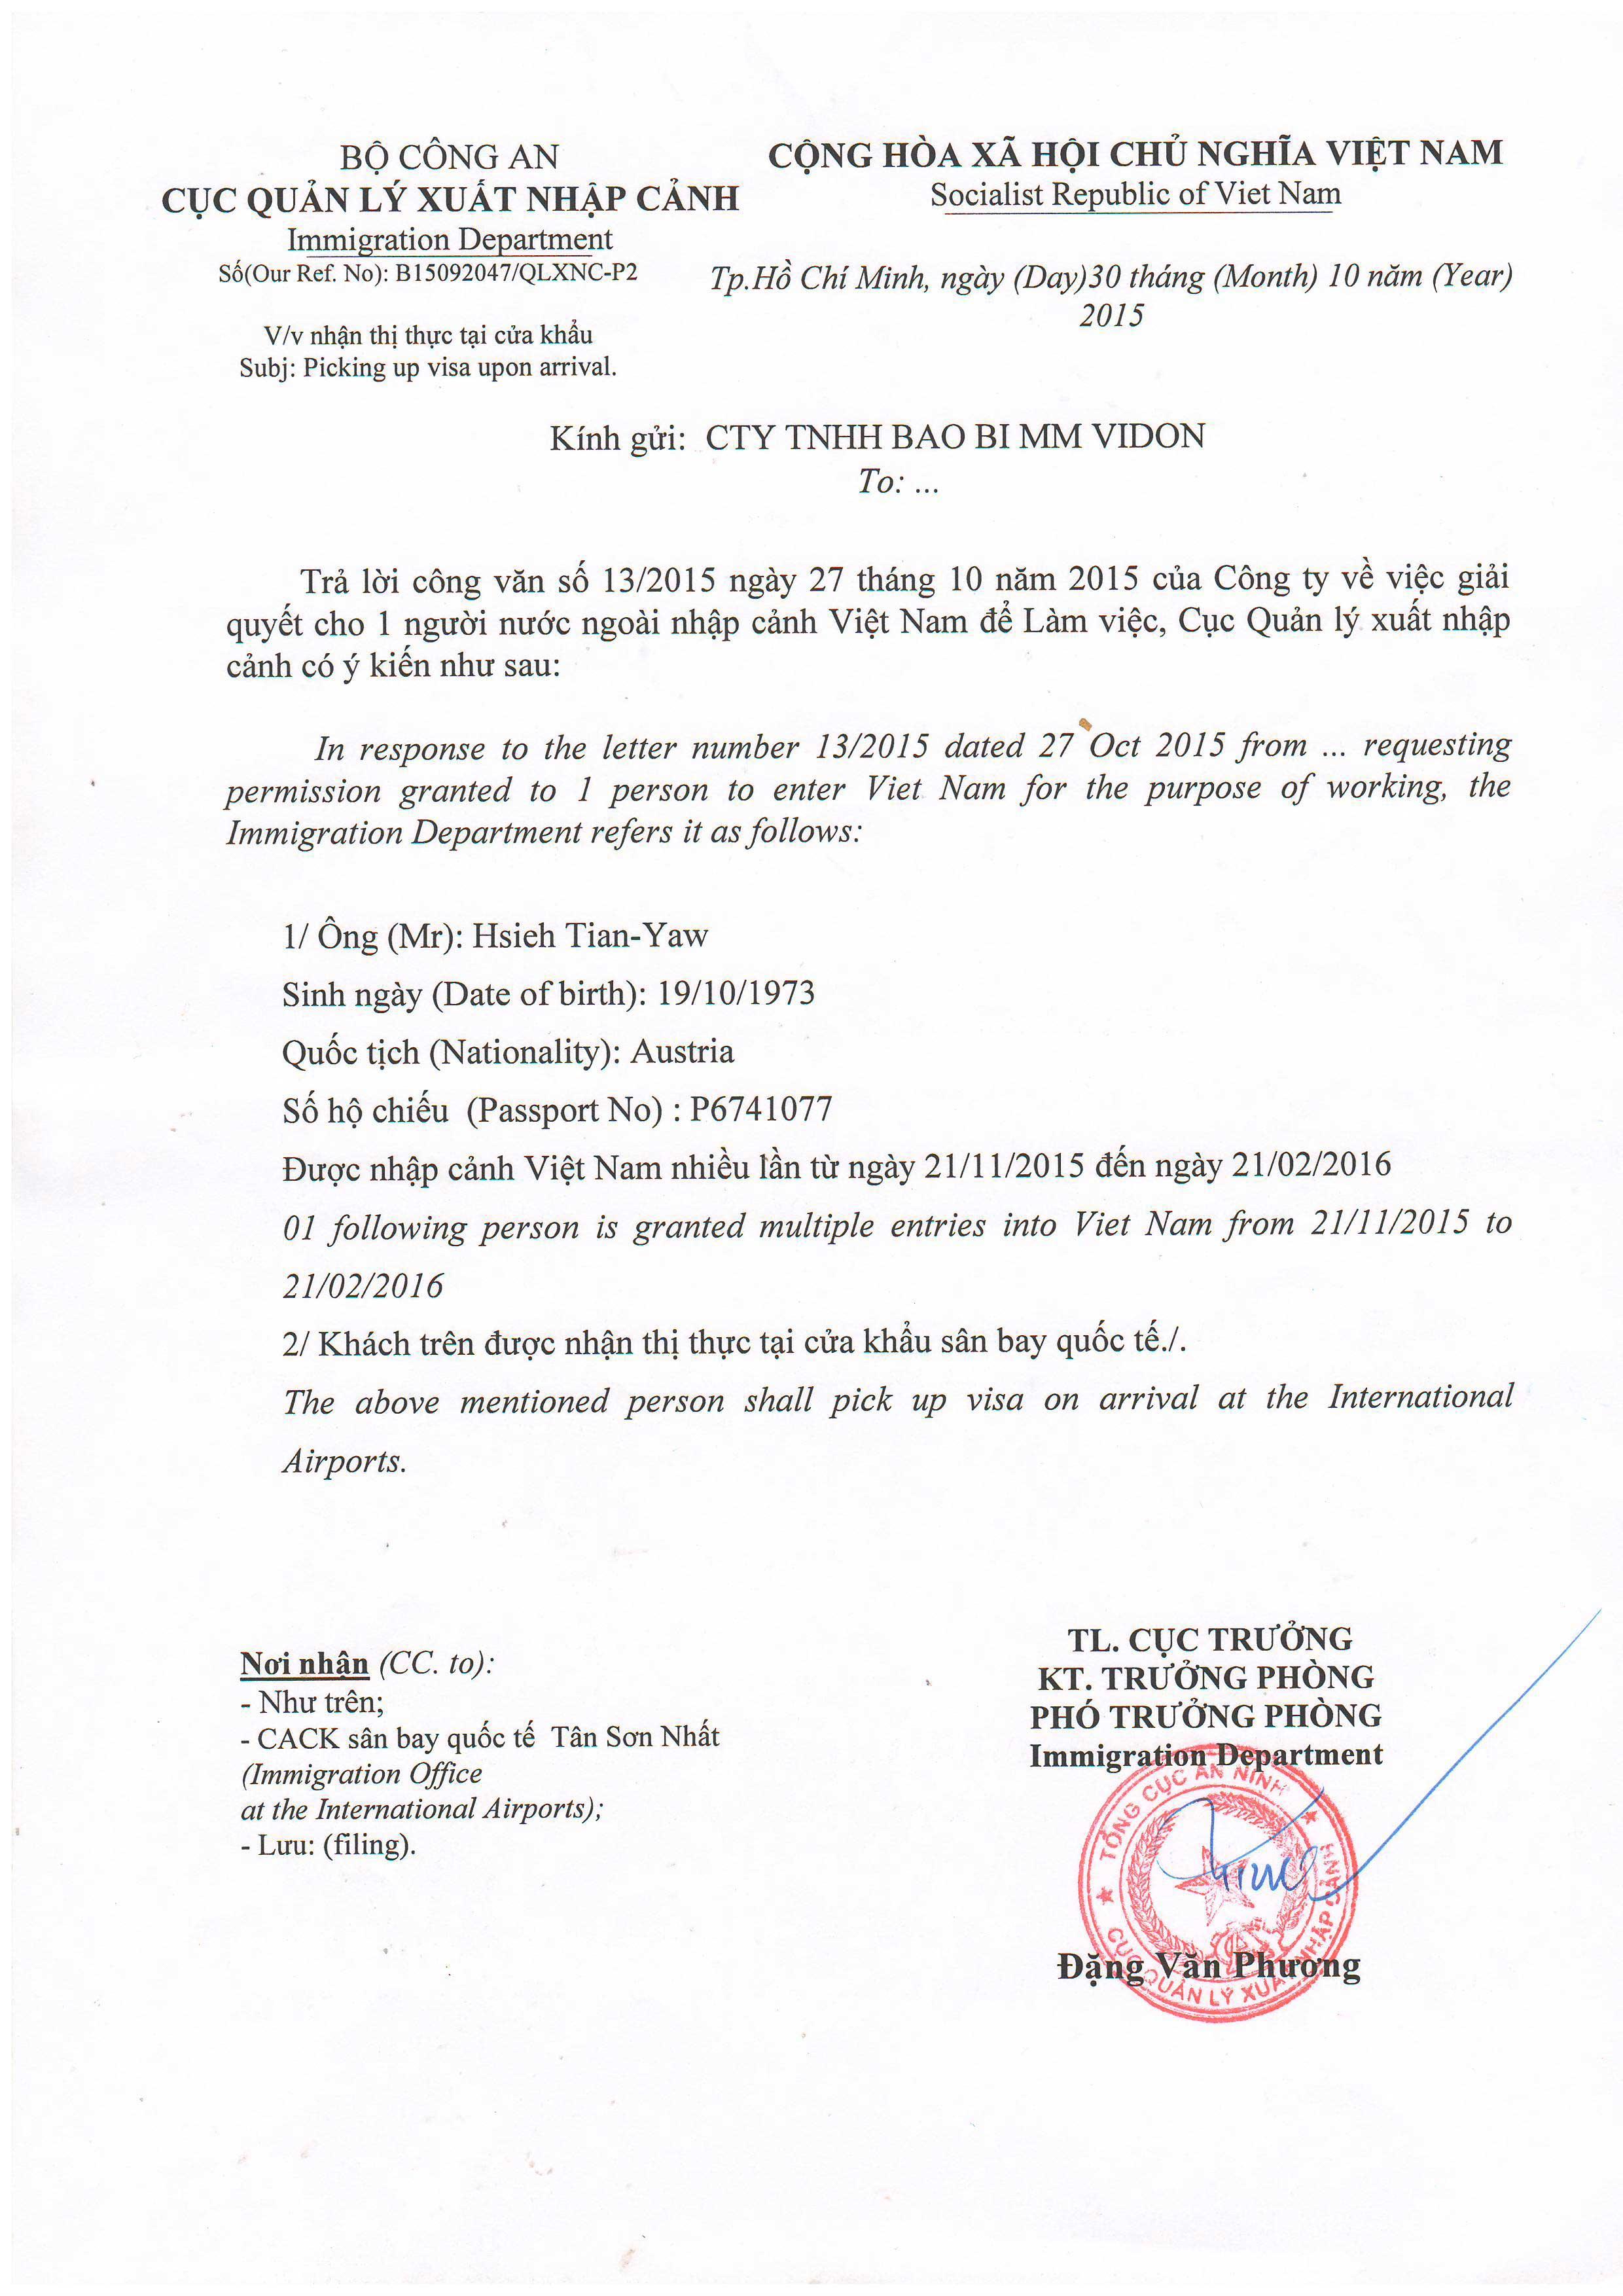 Xin công văn nhập cảnh nhanh chóng tại Hà Nội